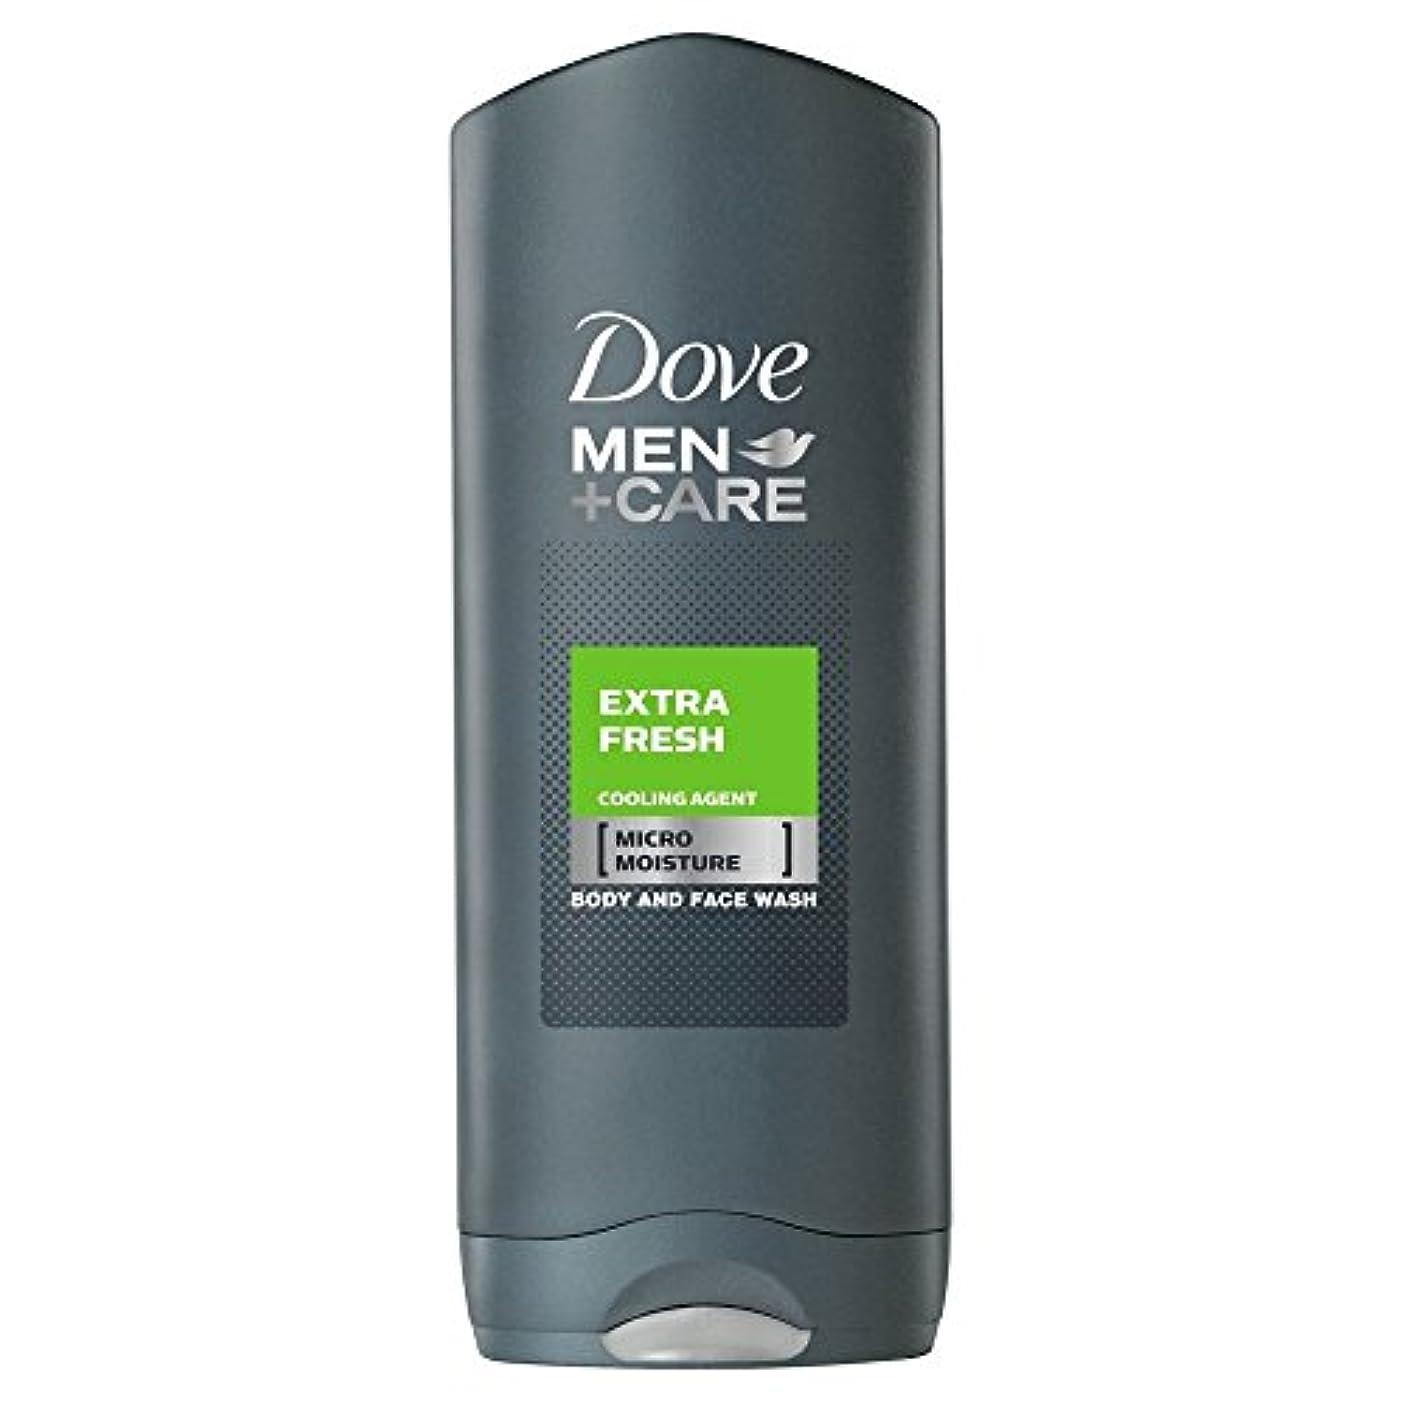 人形アクセスジーンズDove Men + Care Body & Face Wash - Extra Fresh (250ml) 鳩の男性は+ボディと洗顔ケア - 余分な新鮮な( 250ミリリットル)を [並行輸入品]